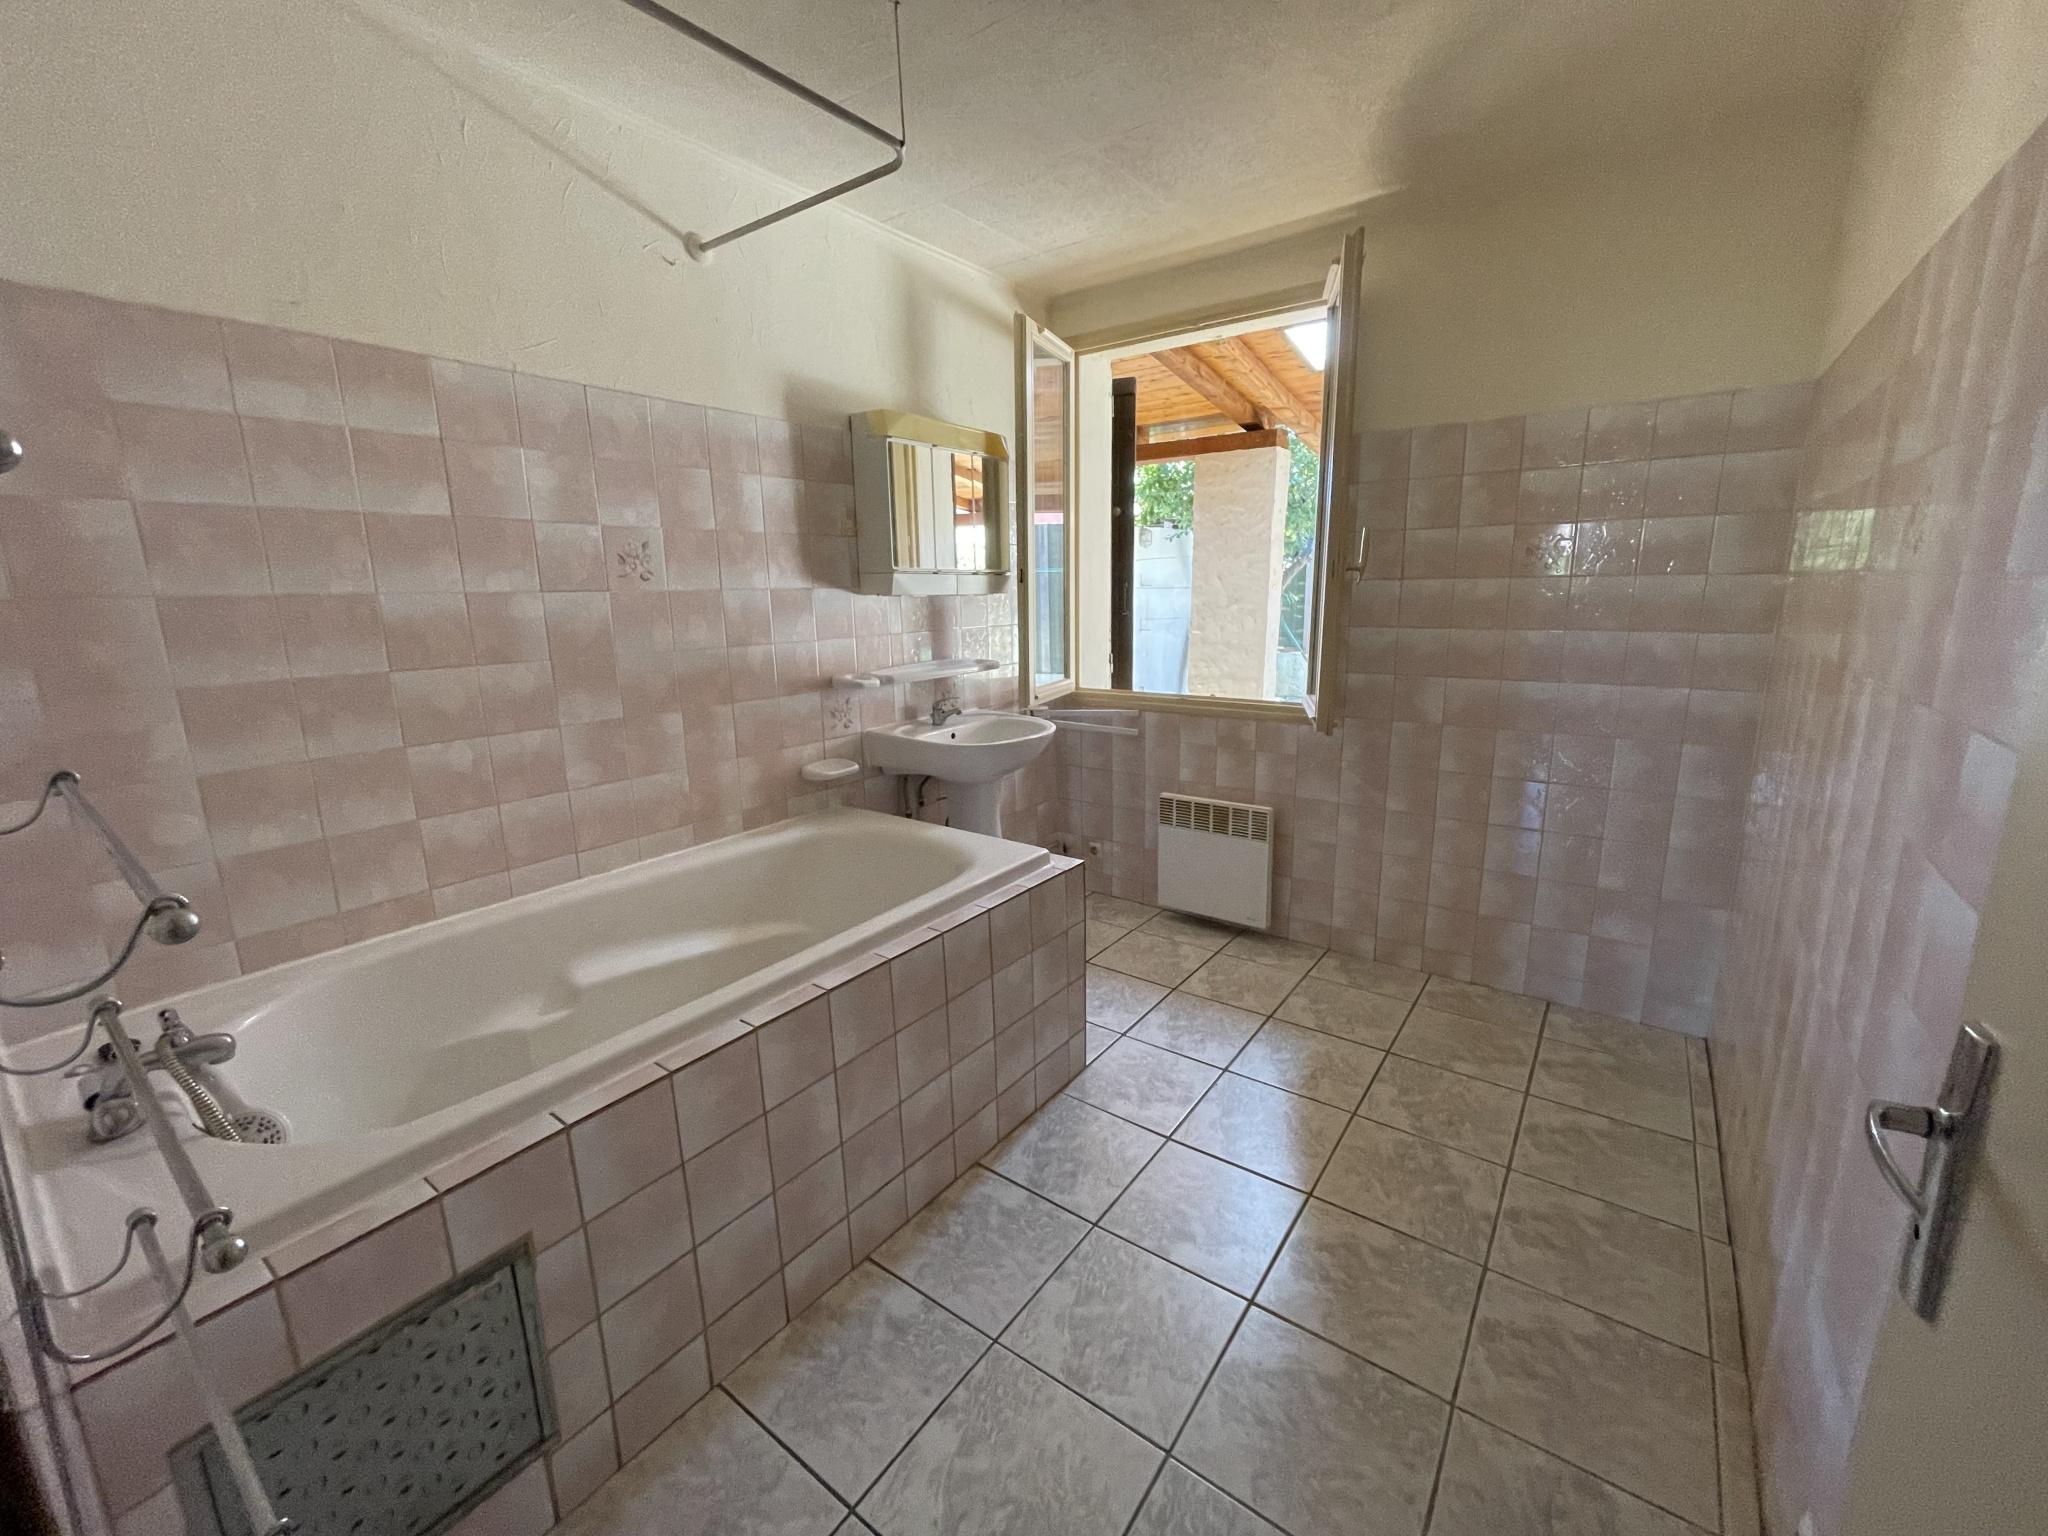 À vendre maison/villa de 100m2 à st genis des fontaines (66740) - Photo 17'